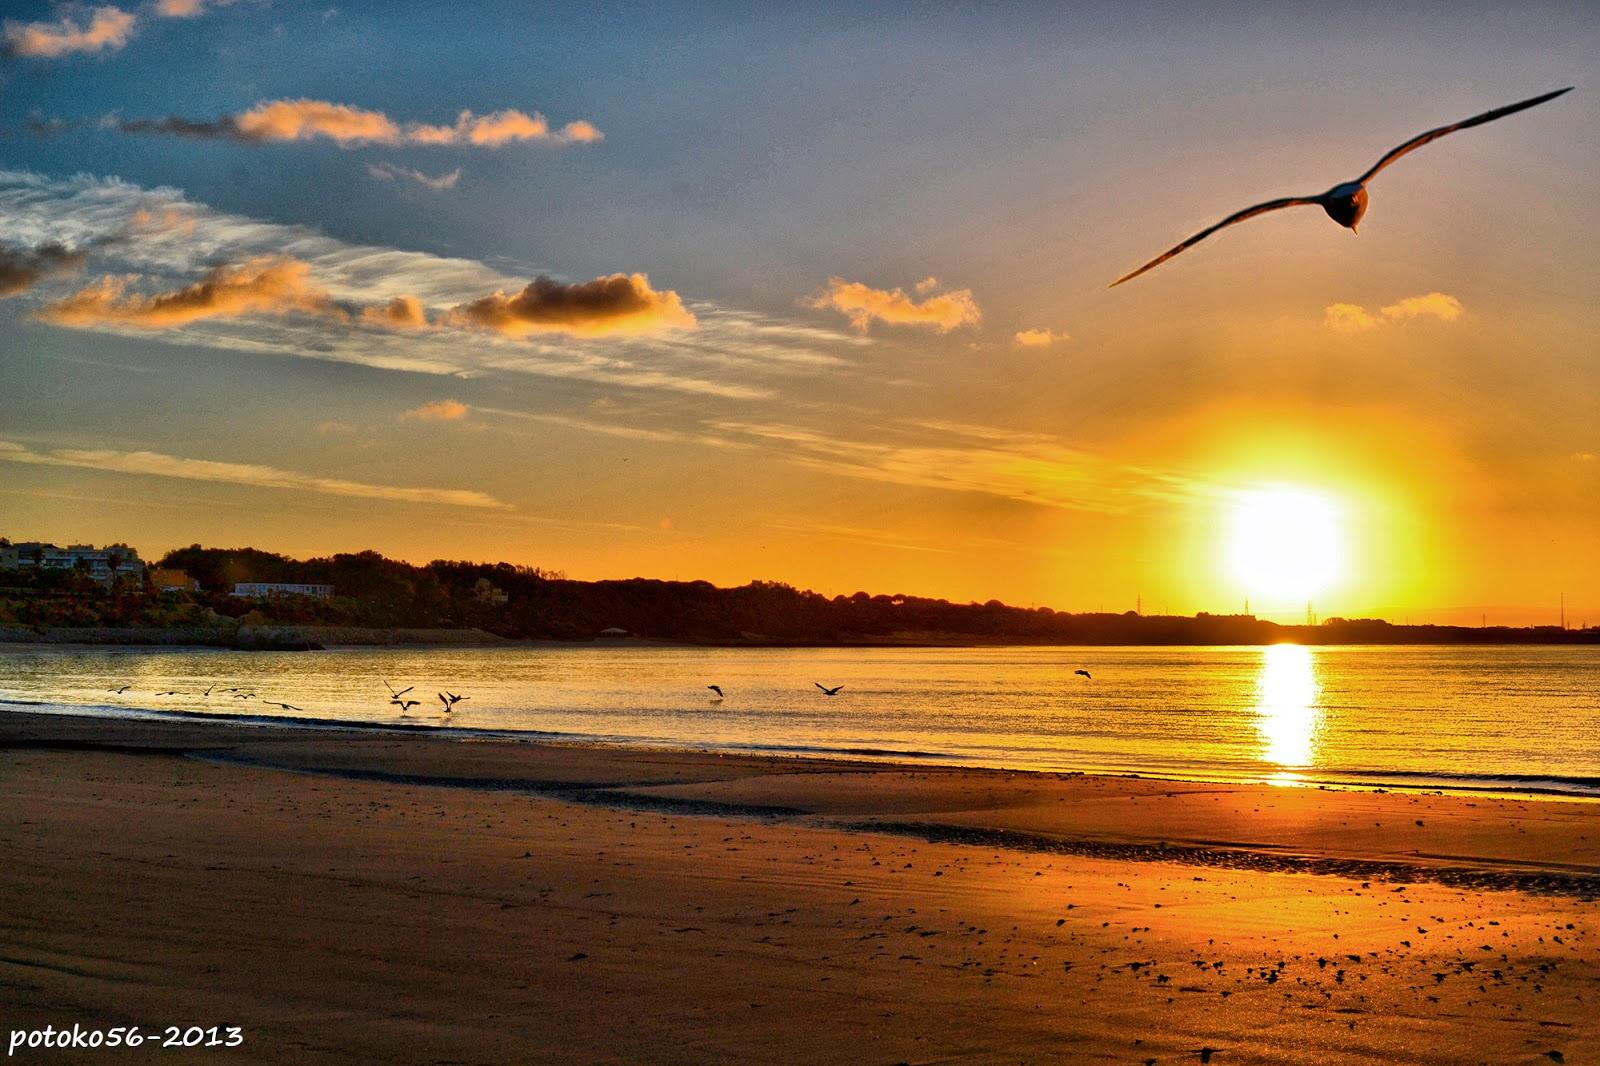 Unas gaviotas en el amanecer de Rota